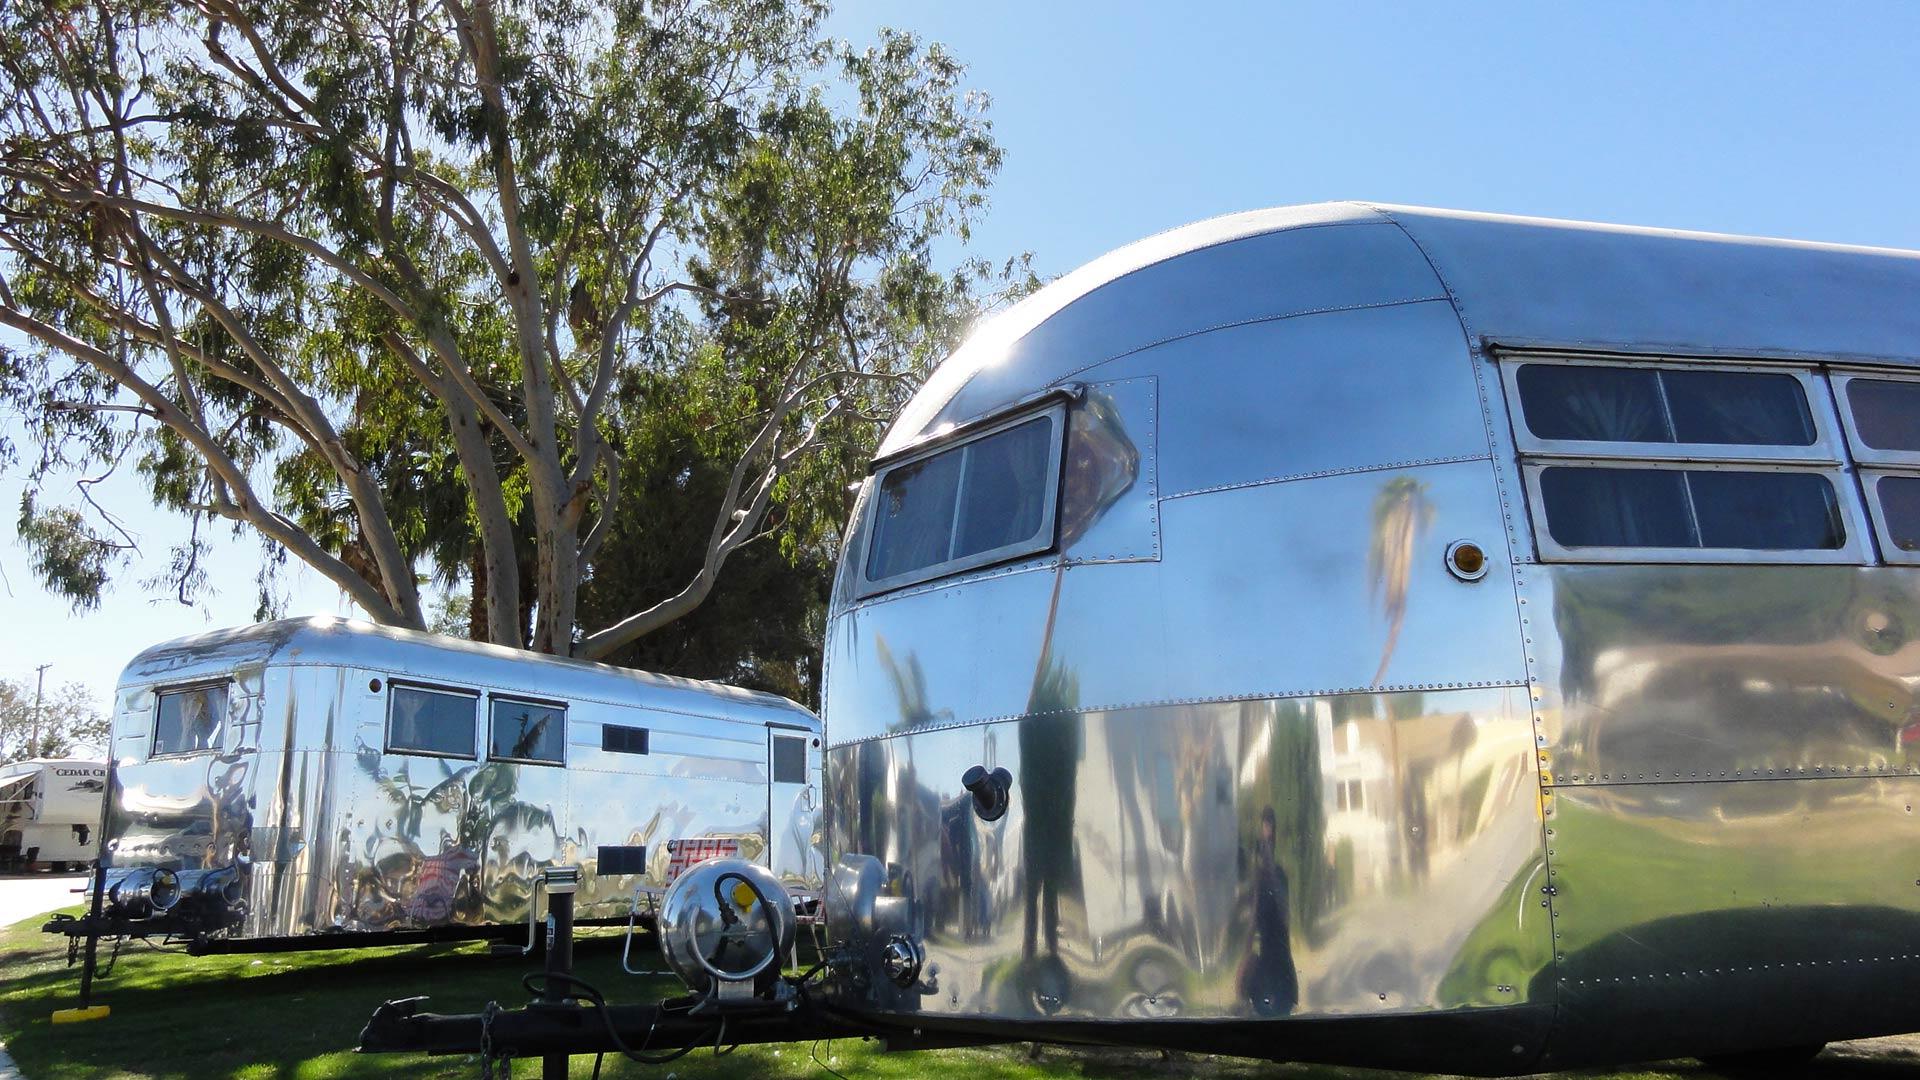 2 airstream vintage trailers